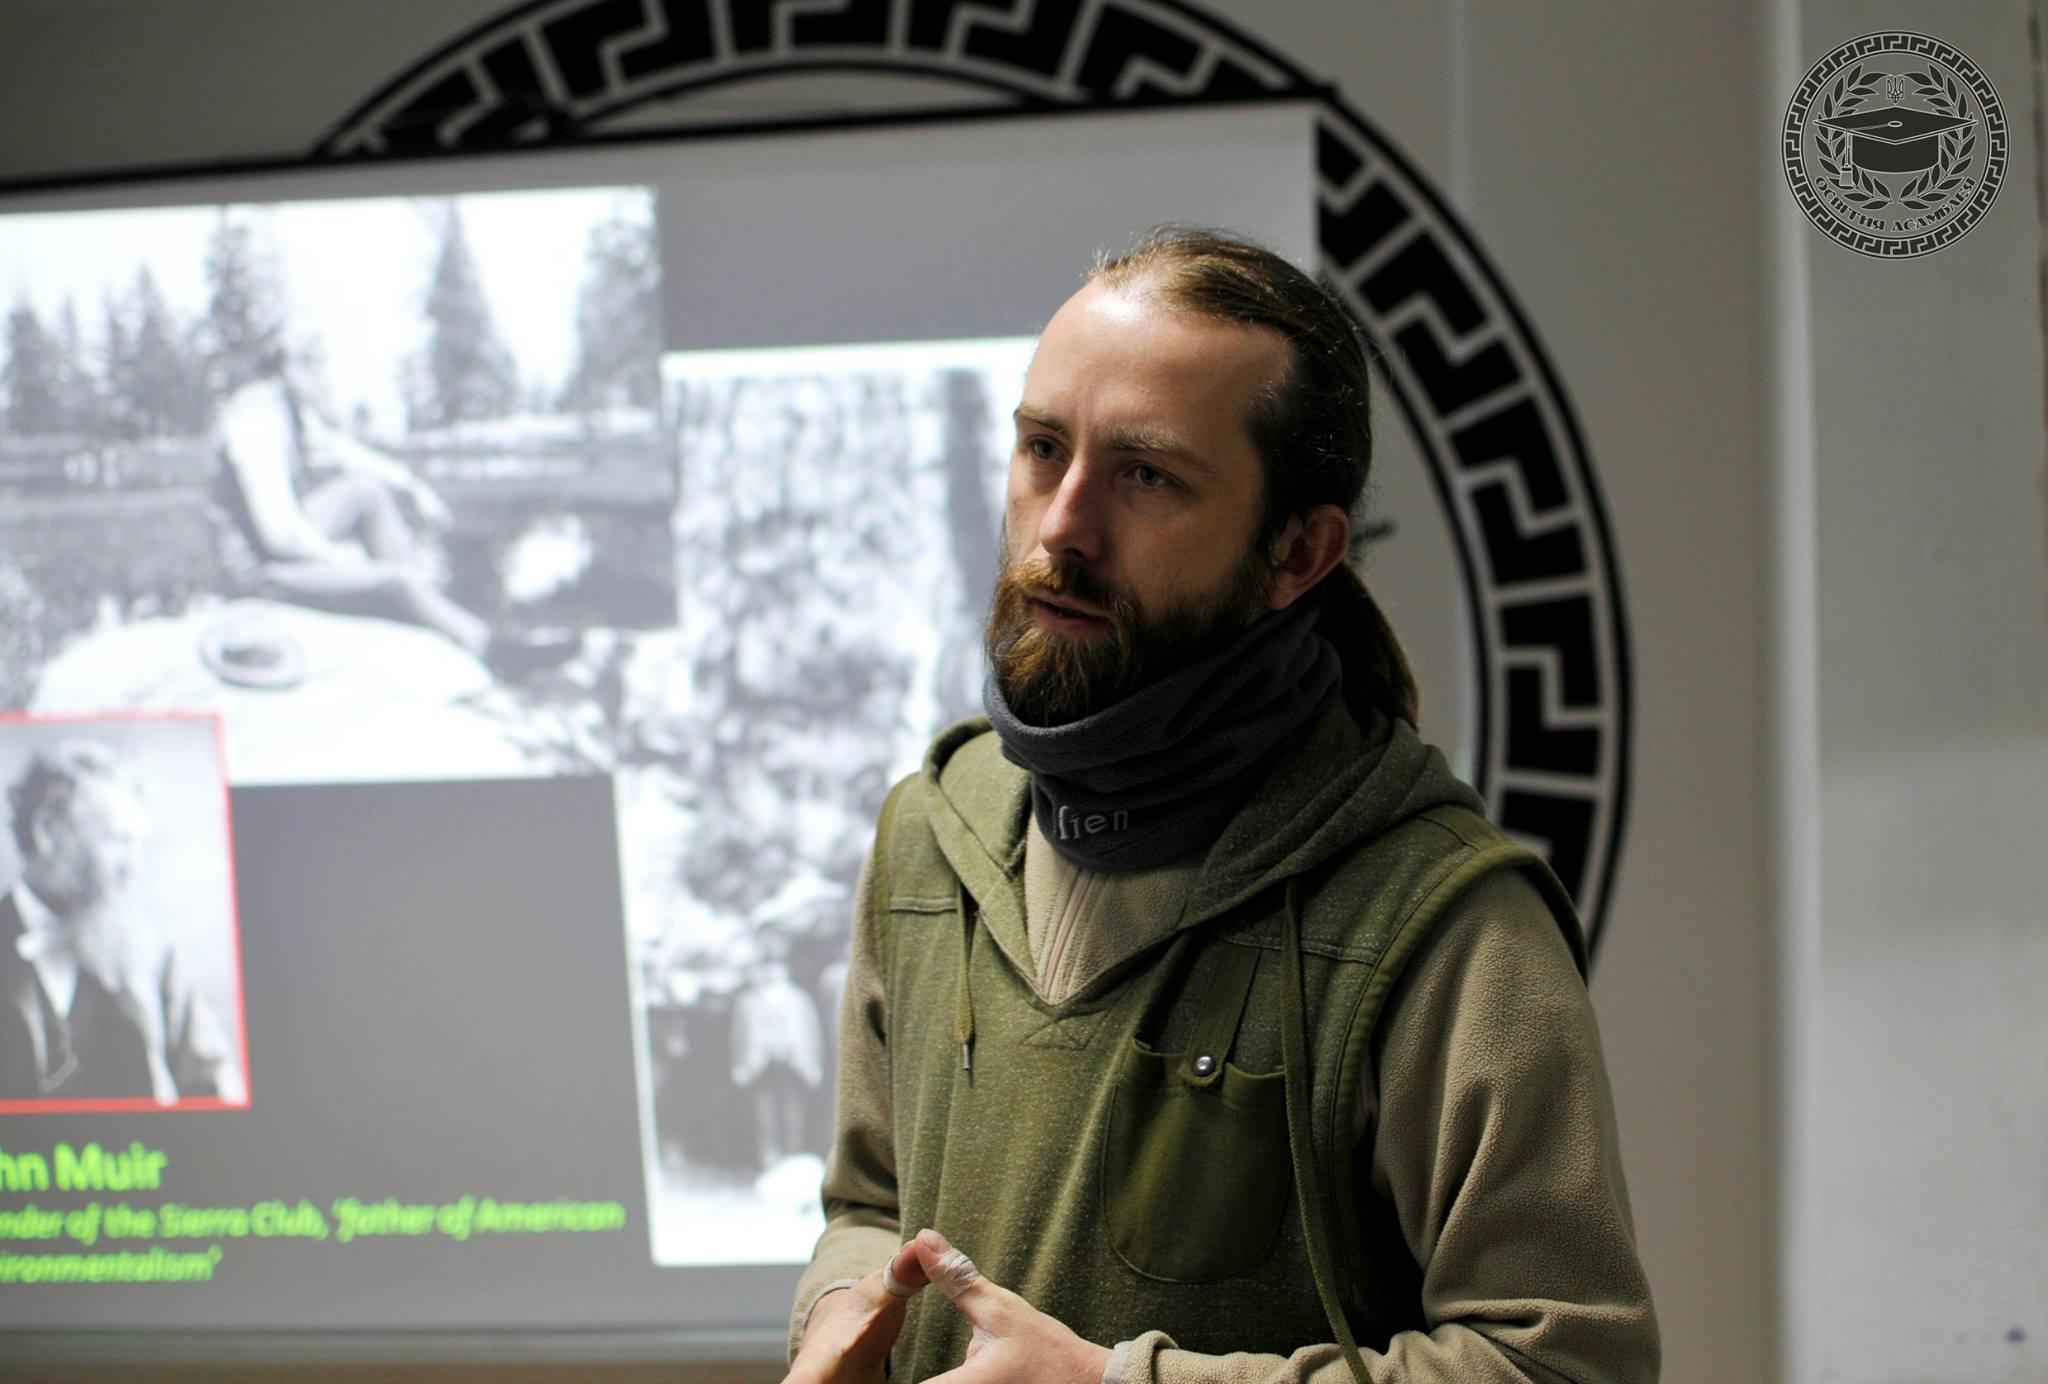 Олексій Василюк (Фото надане Олексієм. Джерело: Українська правда)